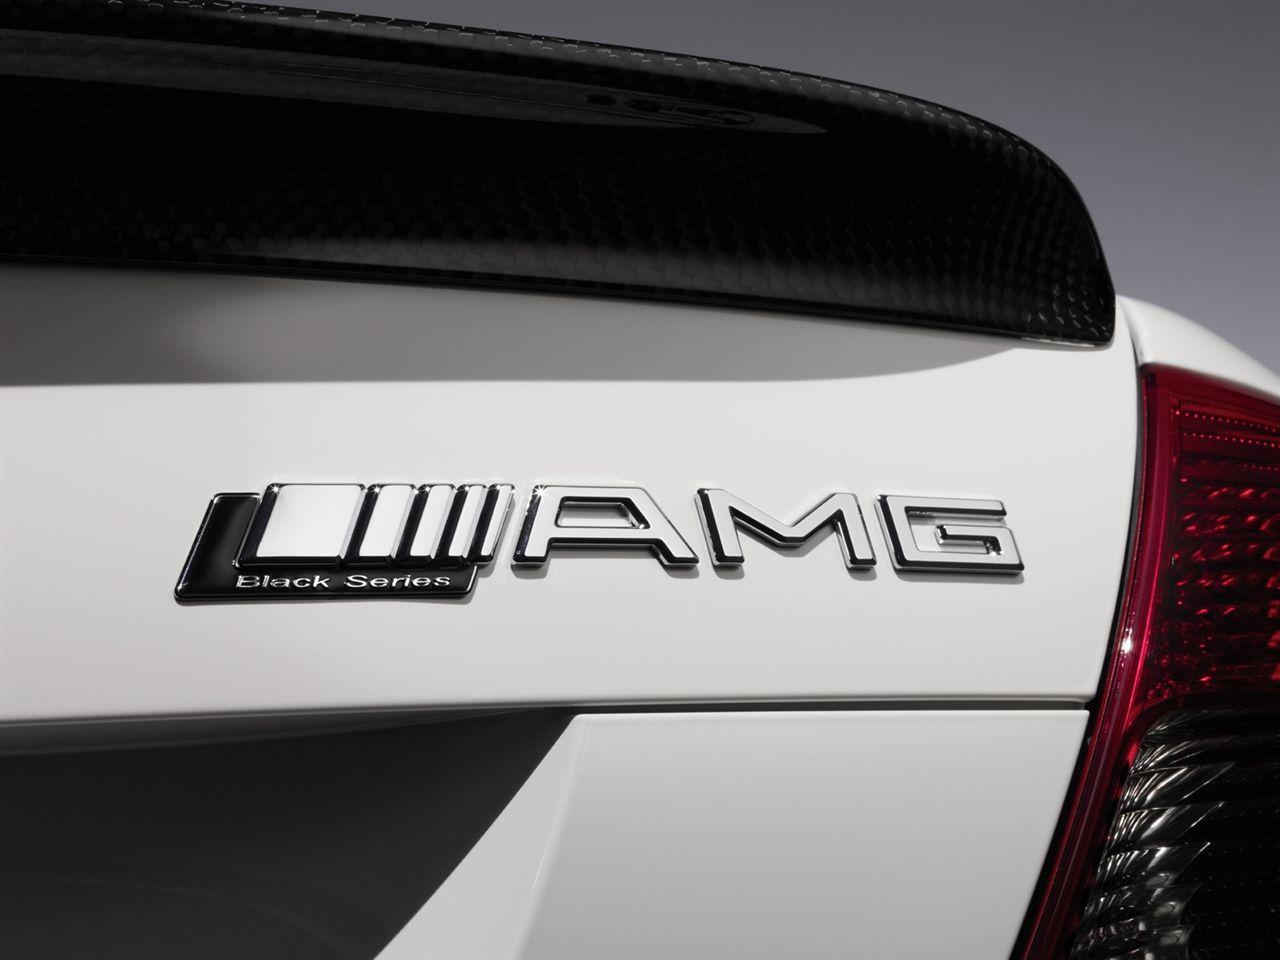 mercedes-amg-emblem | Amg logo, Mercedes amg, Mercedes ...